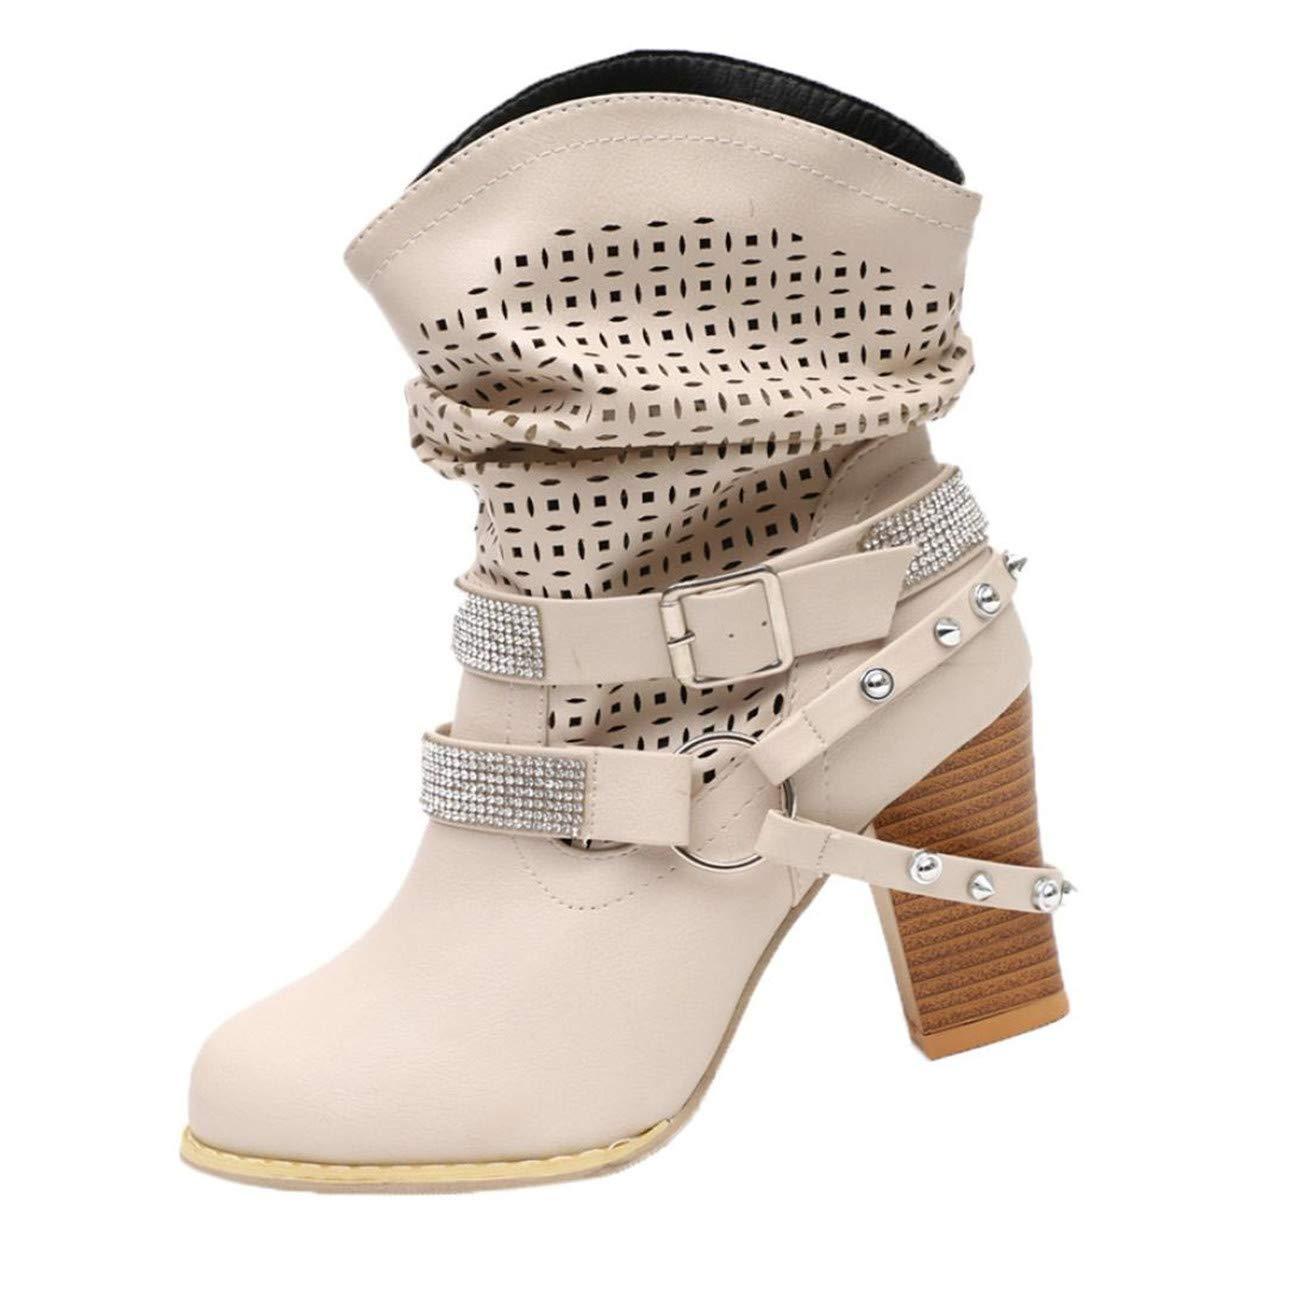 Chaussures Femme Femmes Automne Hiver Creux Cheville Bottines Dames Talon Demi Martin Bottes Chaussures HCFKJ-Js